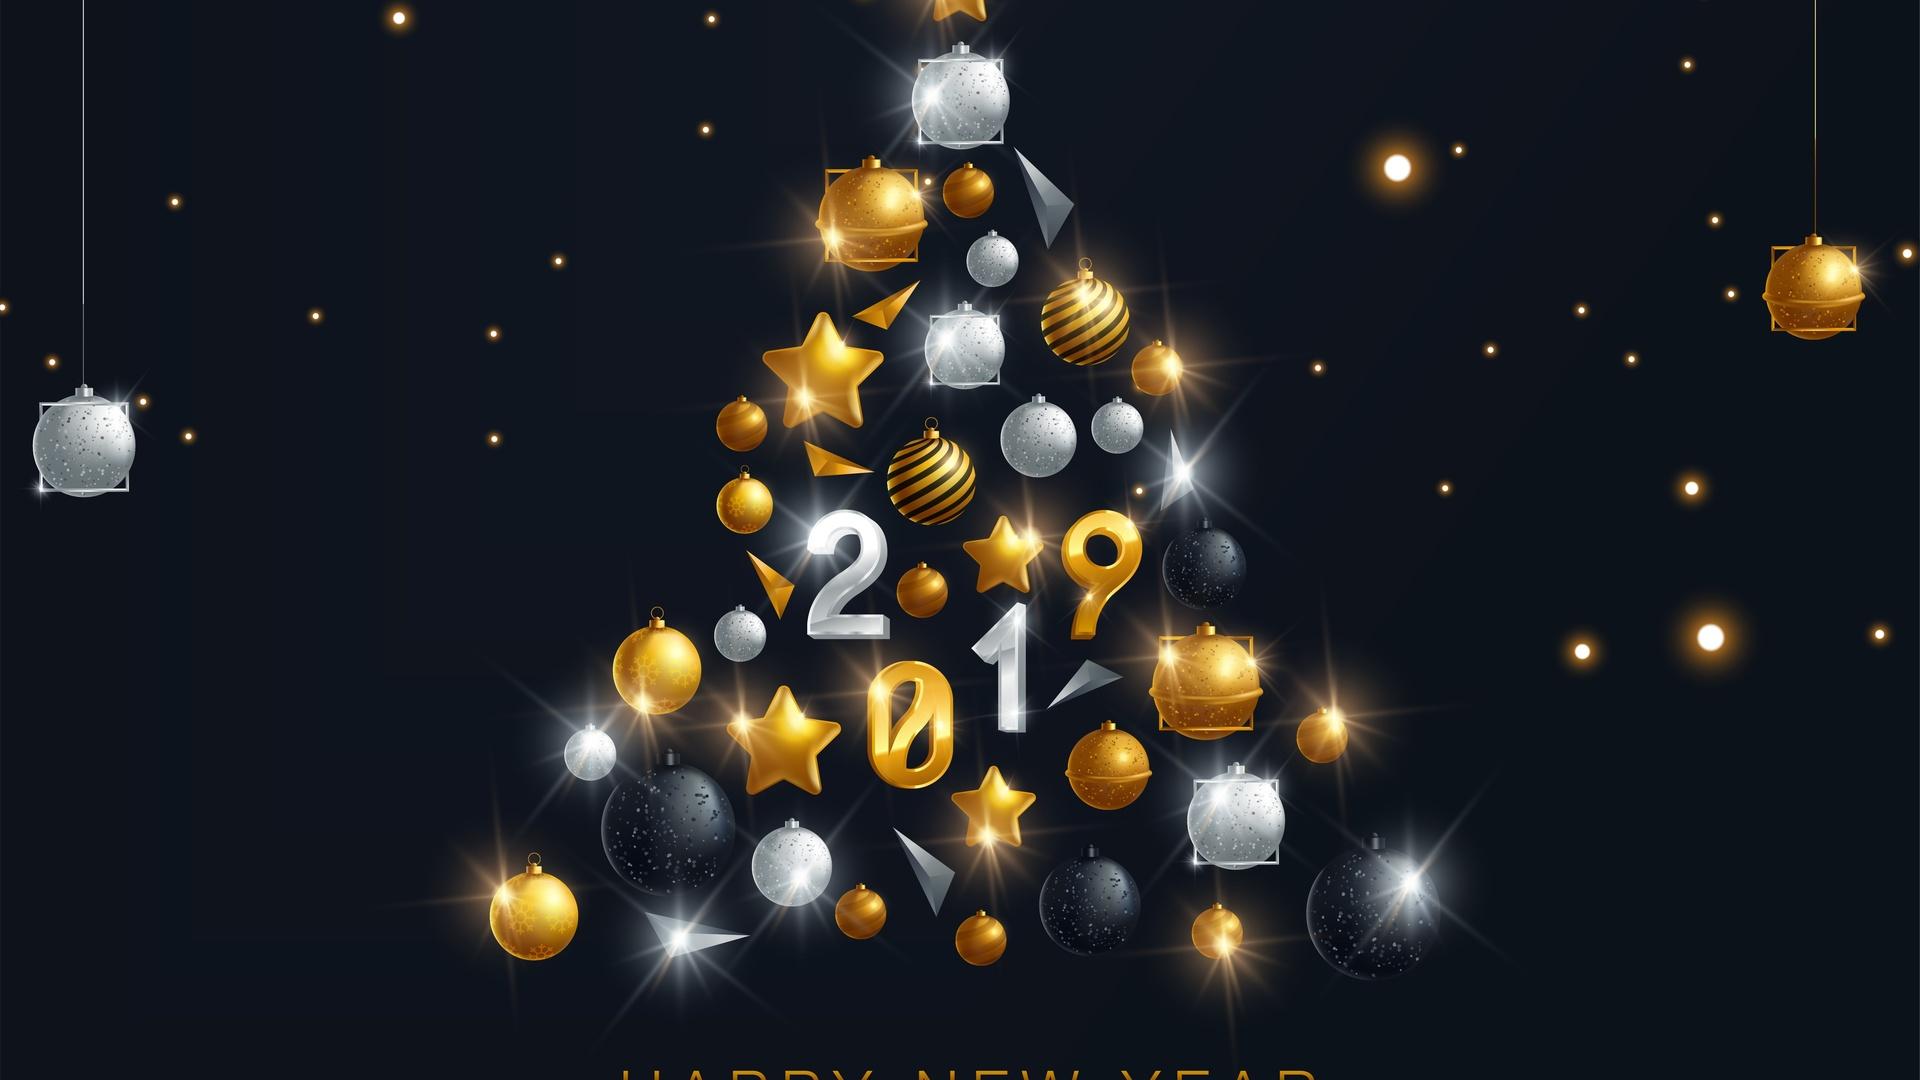 Для поздравления, лучшие картинки к новому году 2019